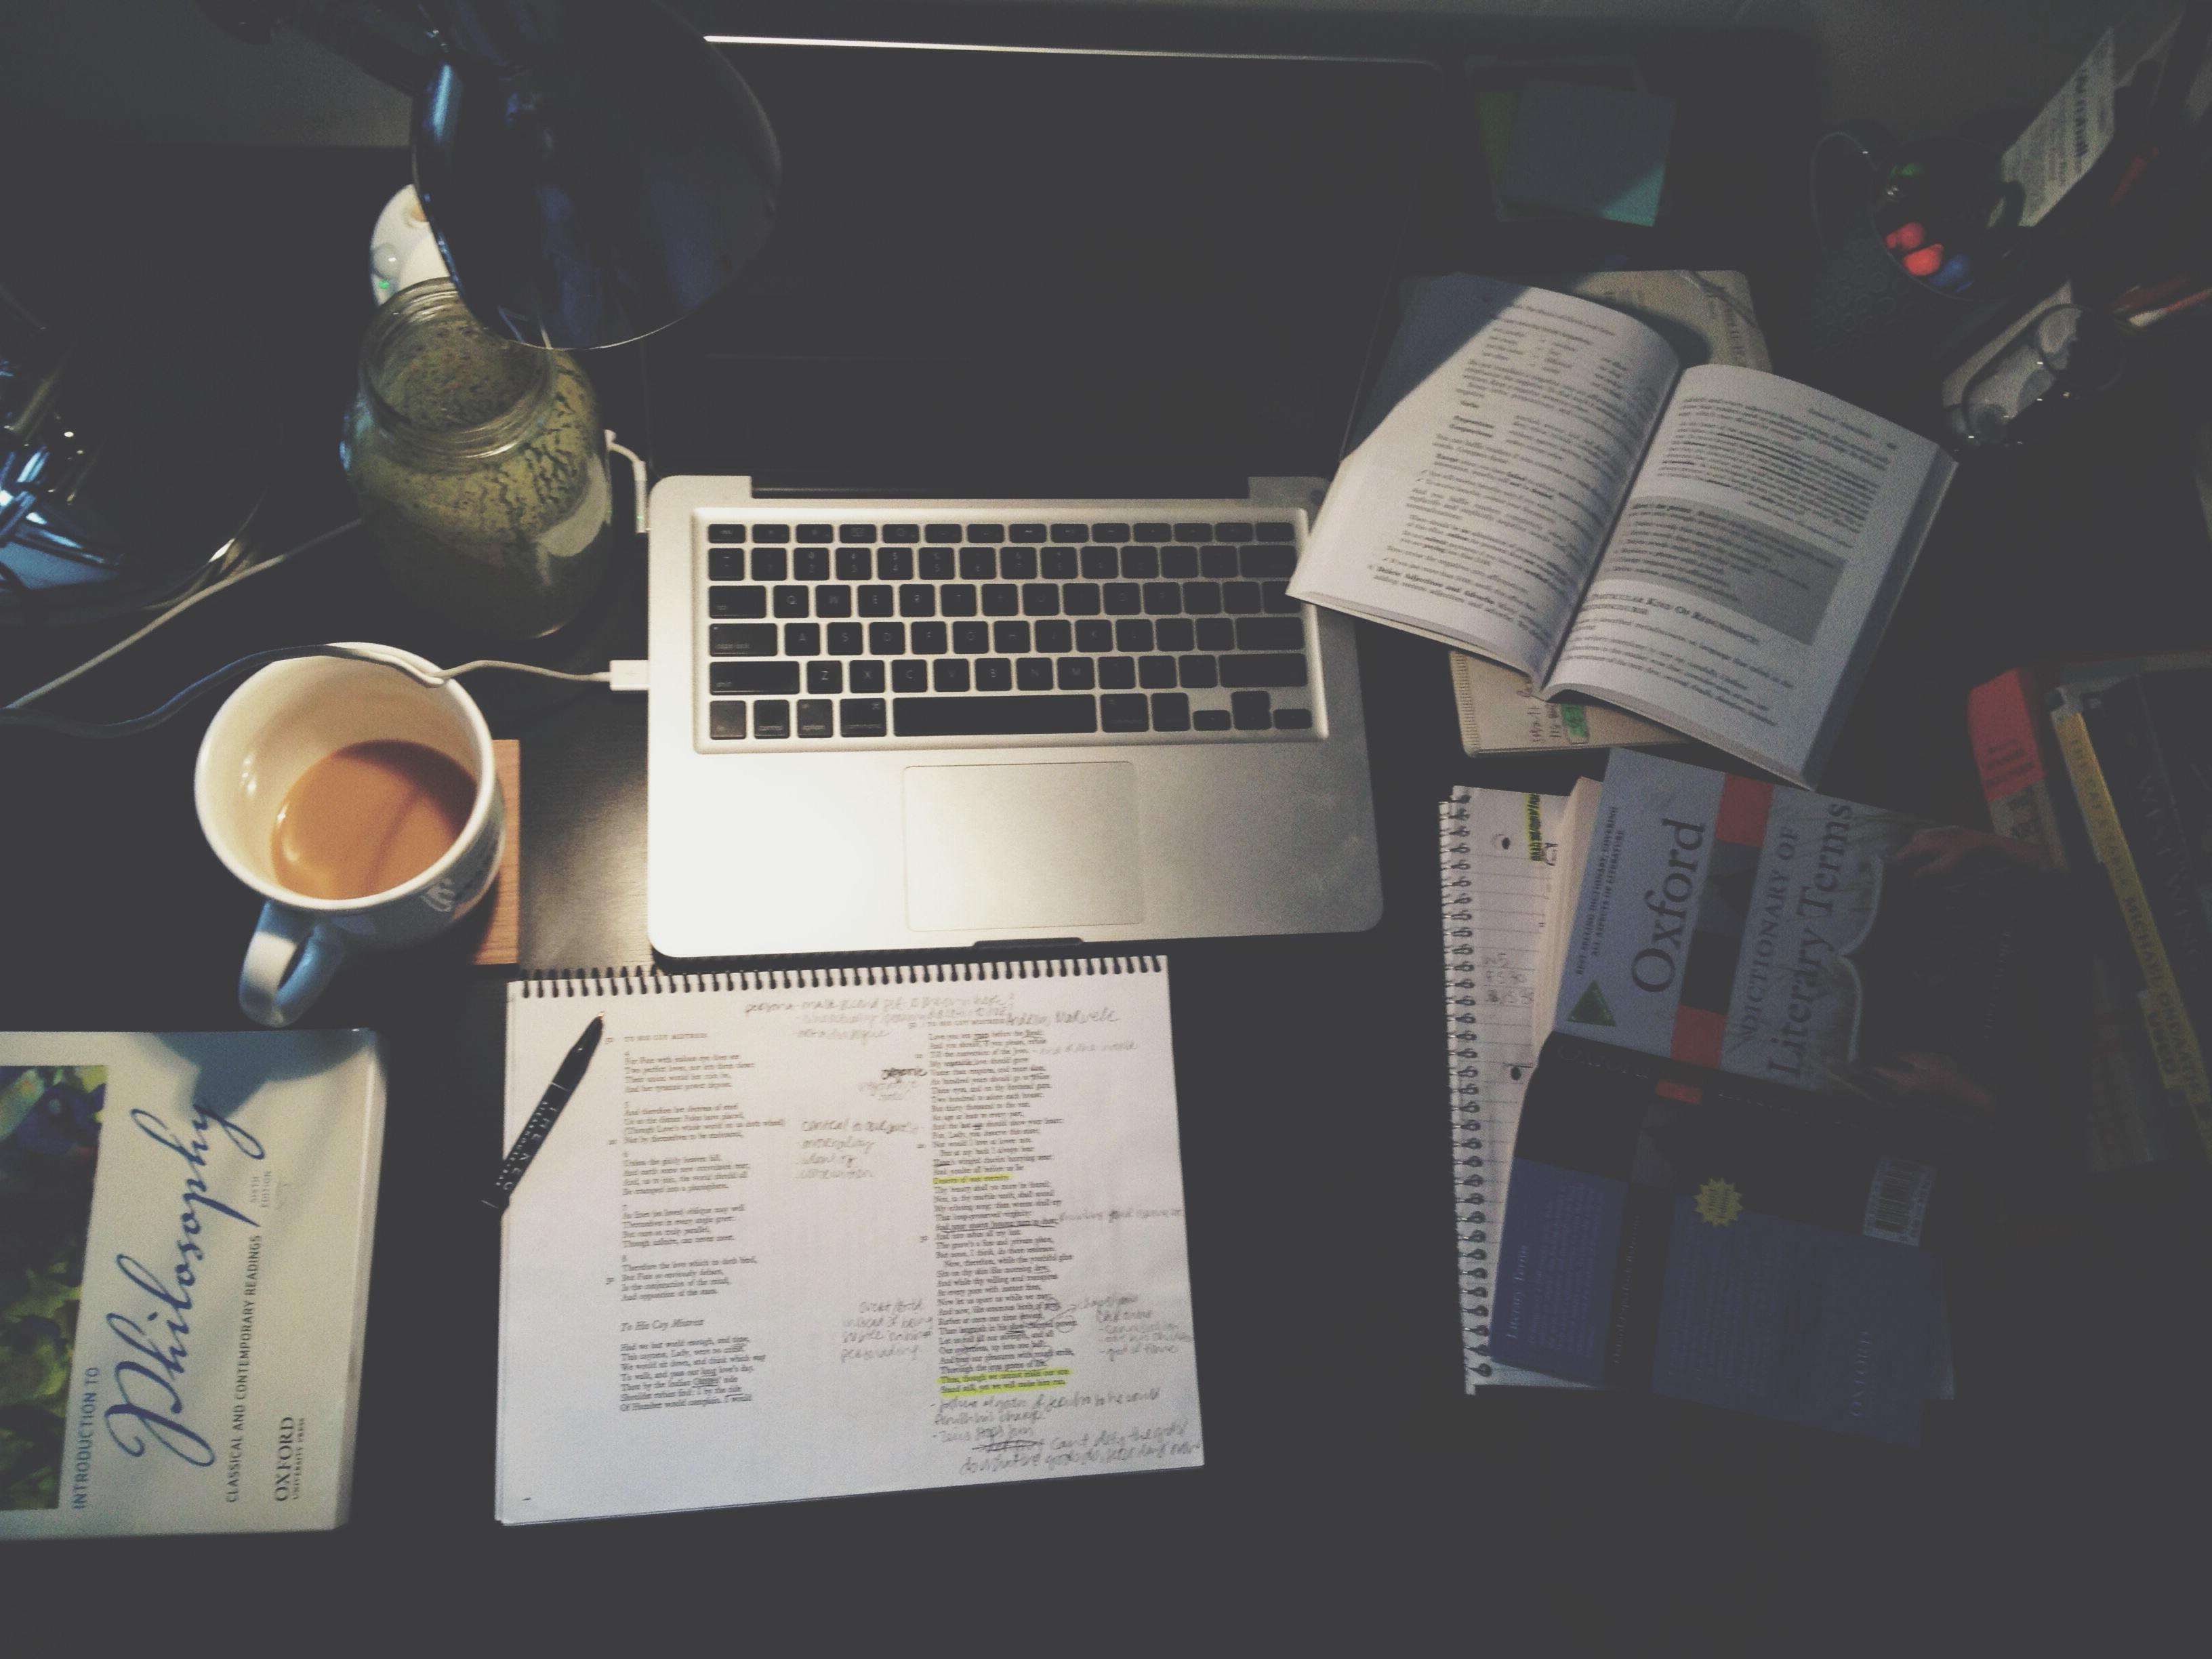 nancys coffee case study